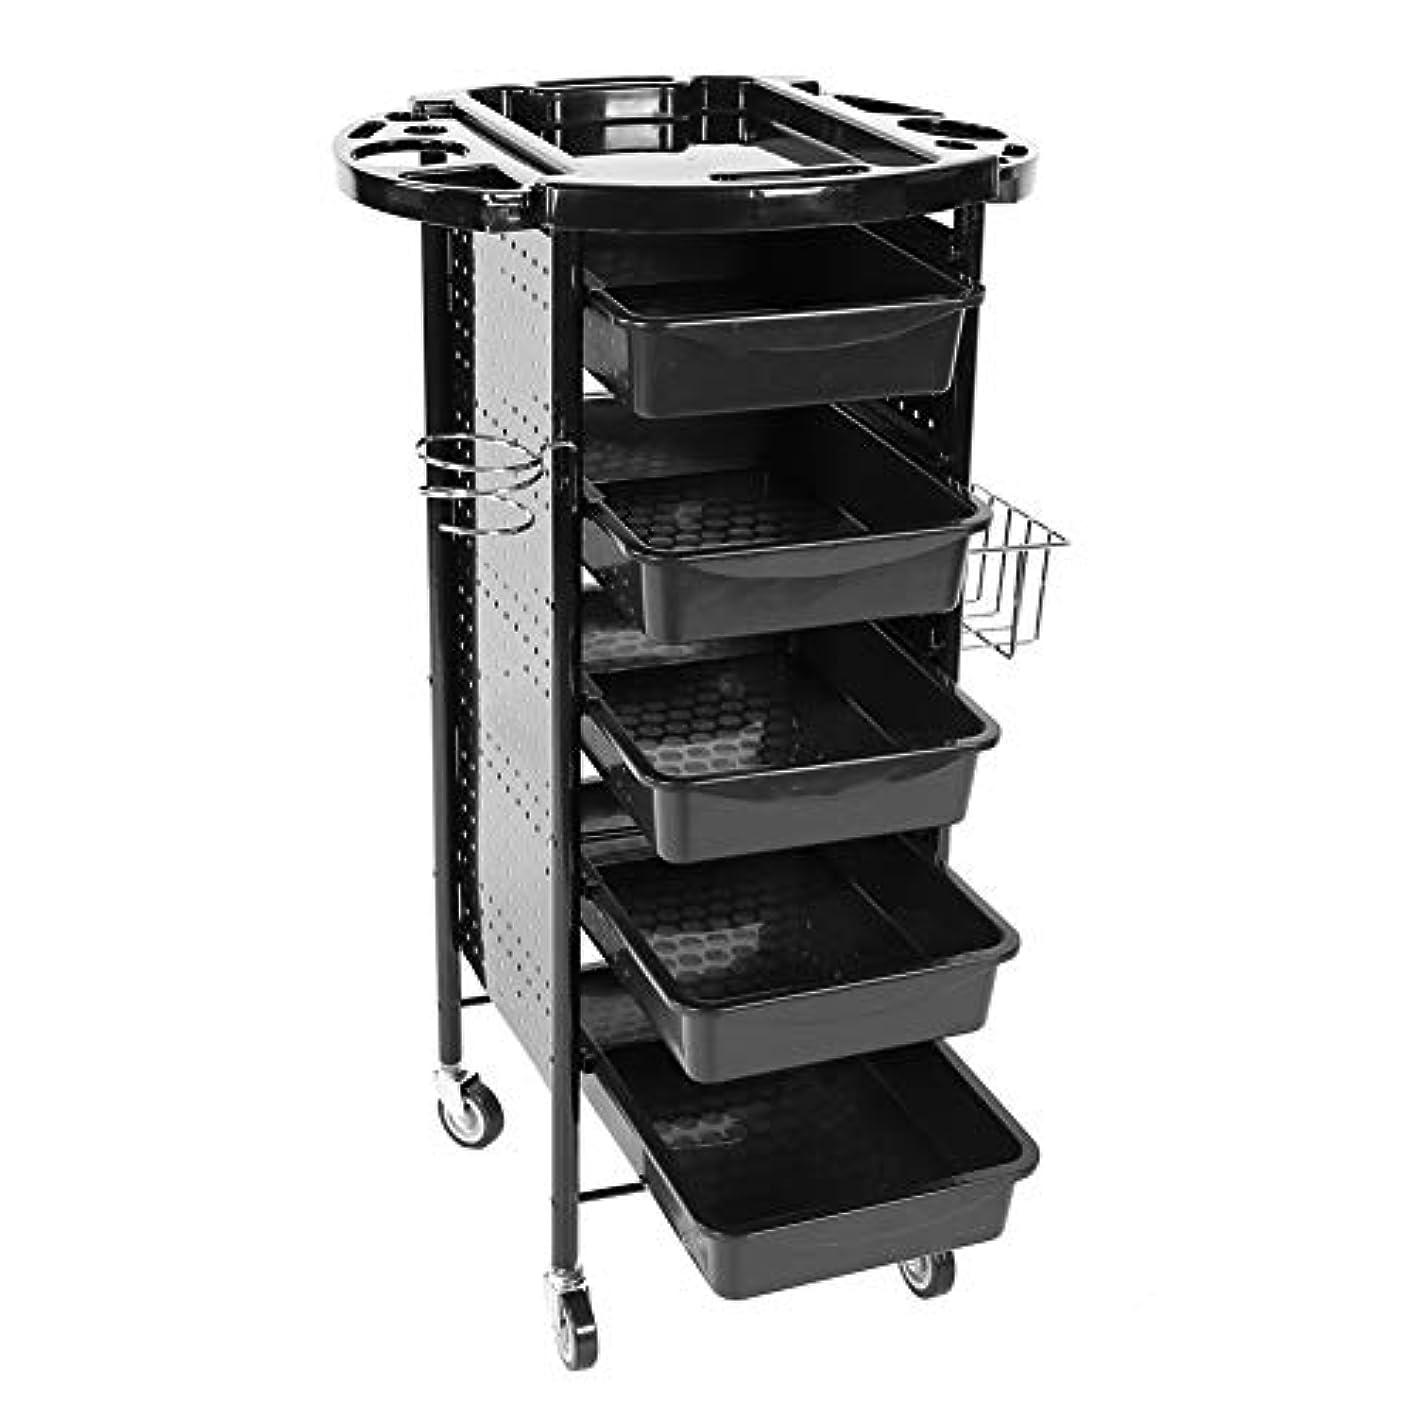 美容院、美容院、美容院のための車輪が付いている専門の6つの層の貯蔵の棚のトロリーカート